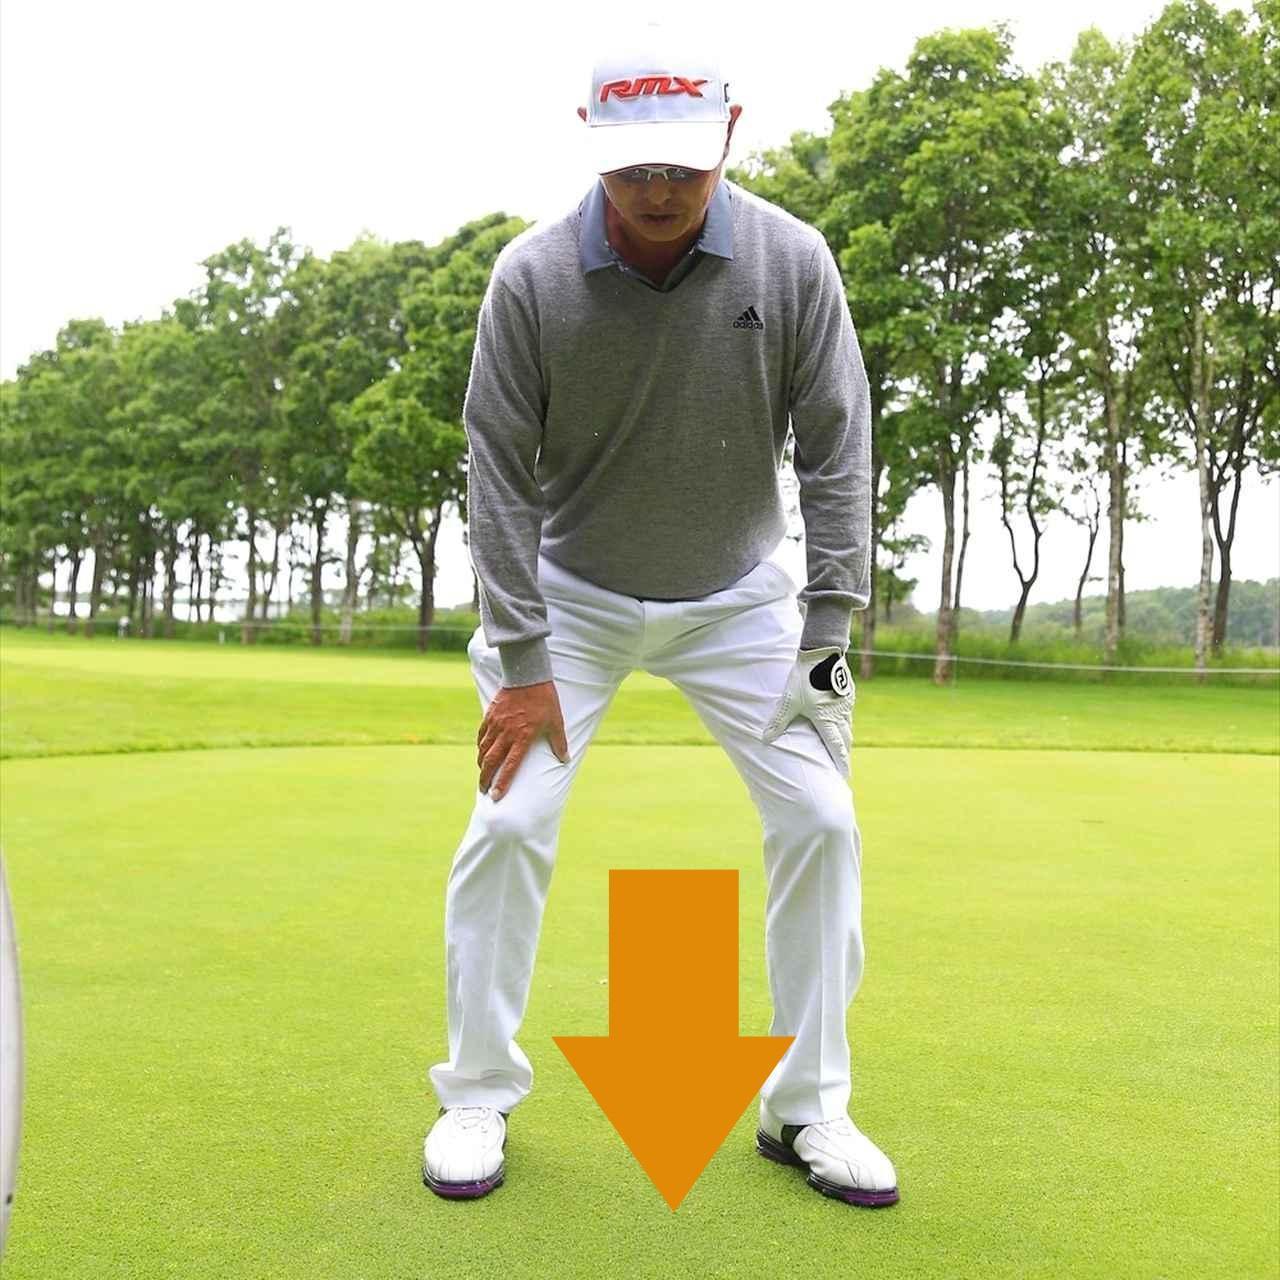 画像: 「重心が高いとトップしてしまう場合がある。重心を下げておけば、しゃくりあげない限りトップしません」